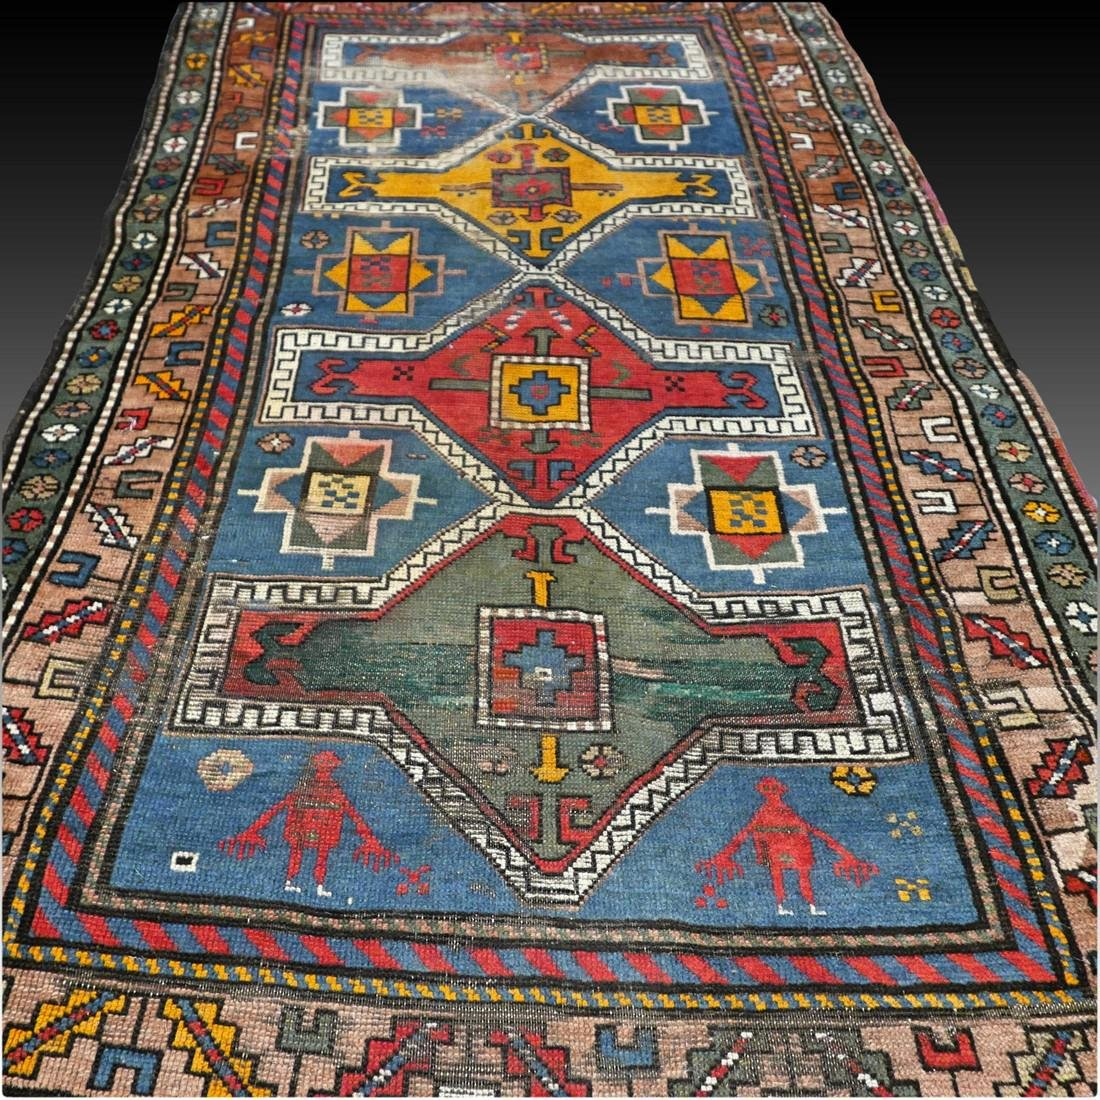 Antique Caucasian Kazak rug - 5.9 x 3.5 - collectors